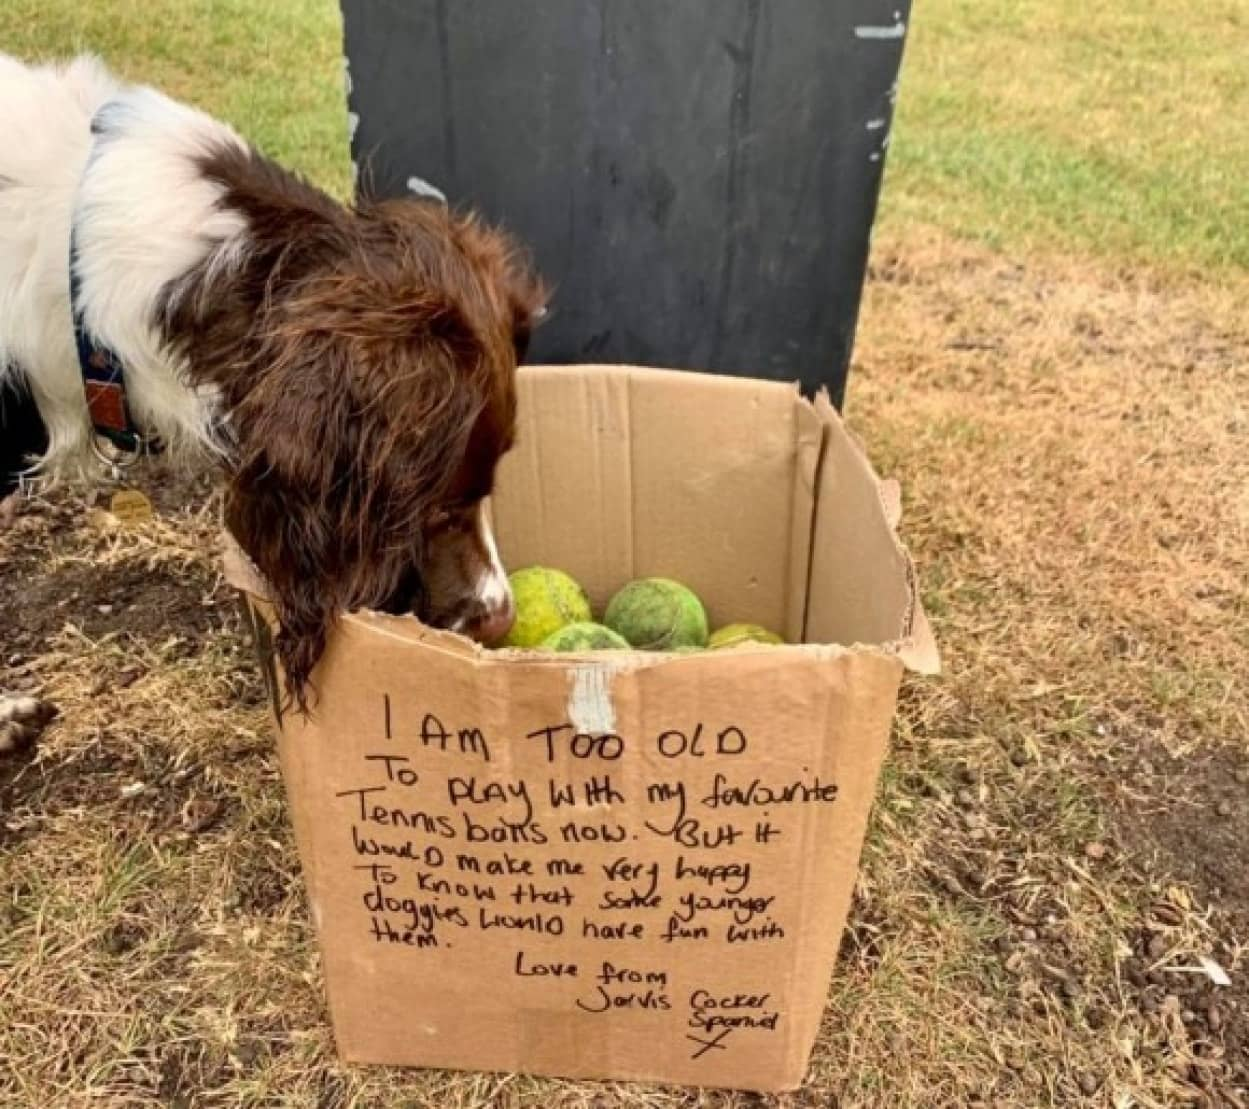 老犬が大好きだったテニスボールを他の犬に提供した飼い主